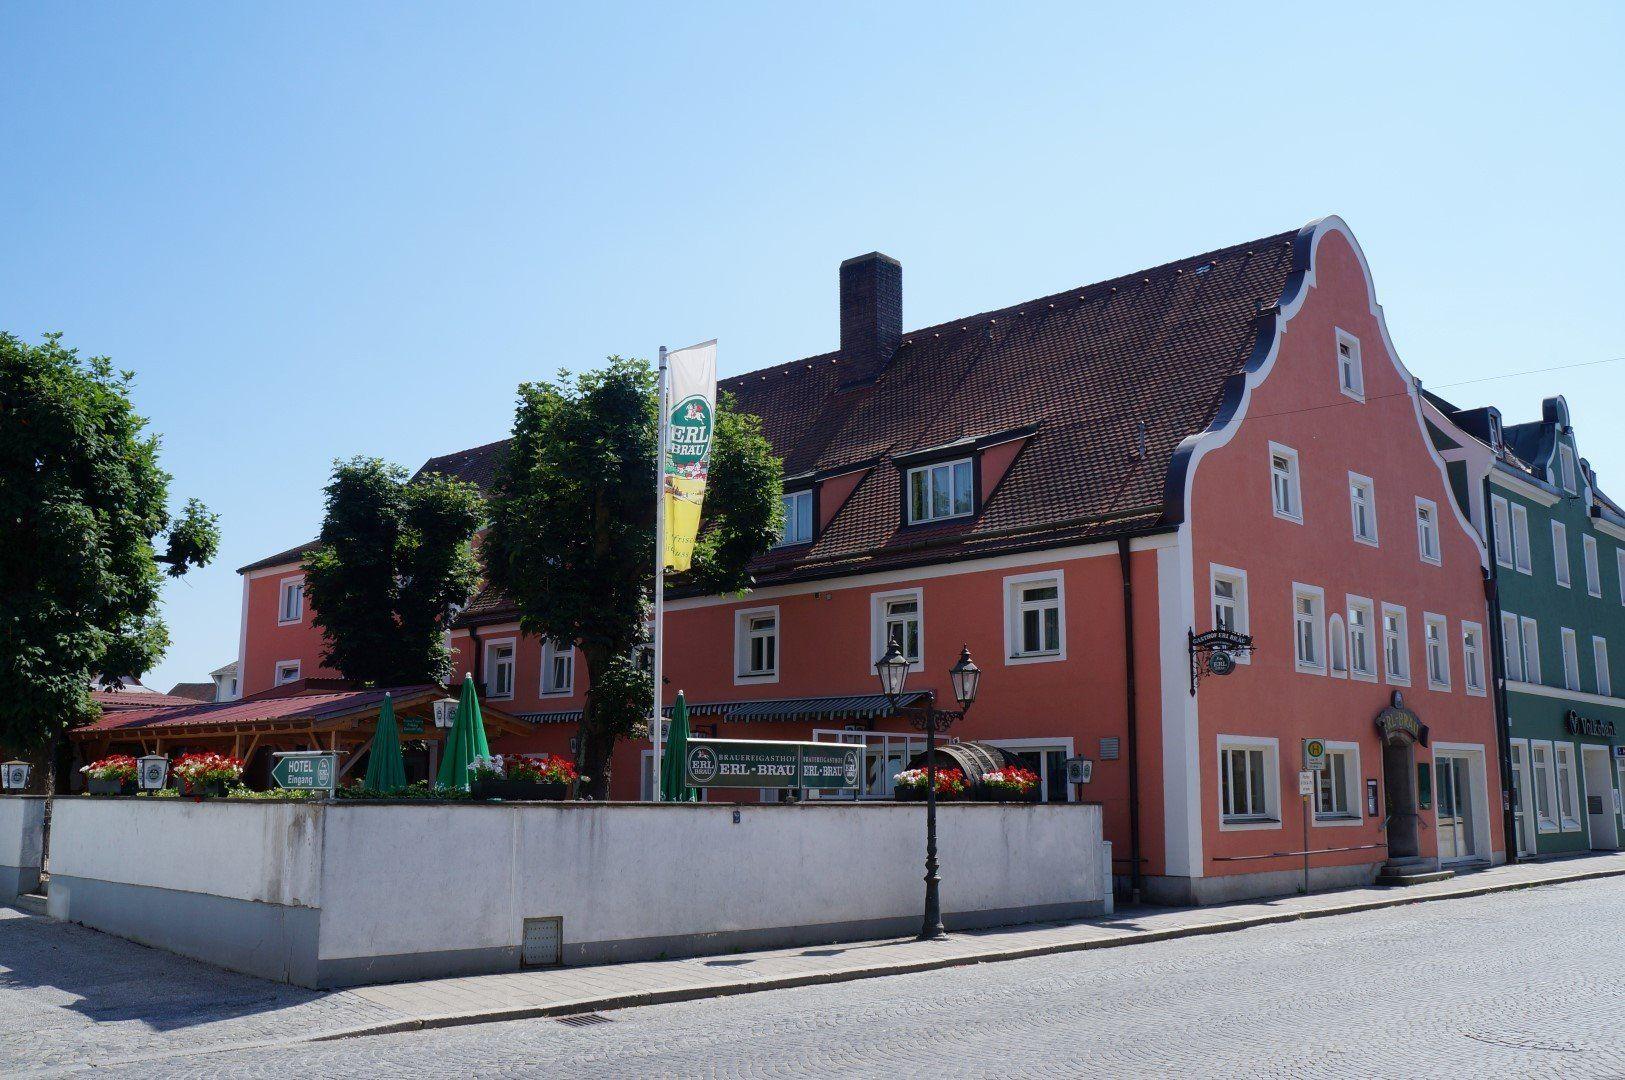 Brauereigasthof Erl Brau Gepflegte Gastlichkeit Hat Eine Lange Tradition Im Brauereigasthof Erl Brau In Geiselhoring Seit Mehr Als Brauerei Hotel Bayern